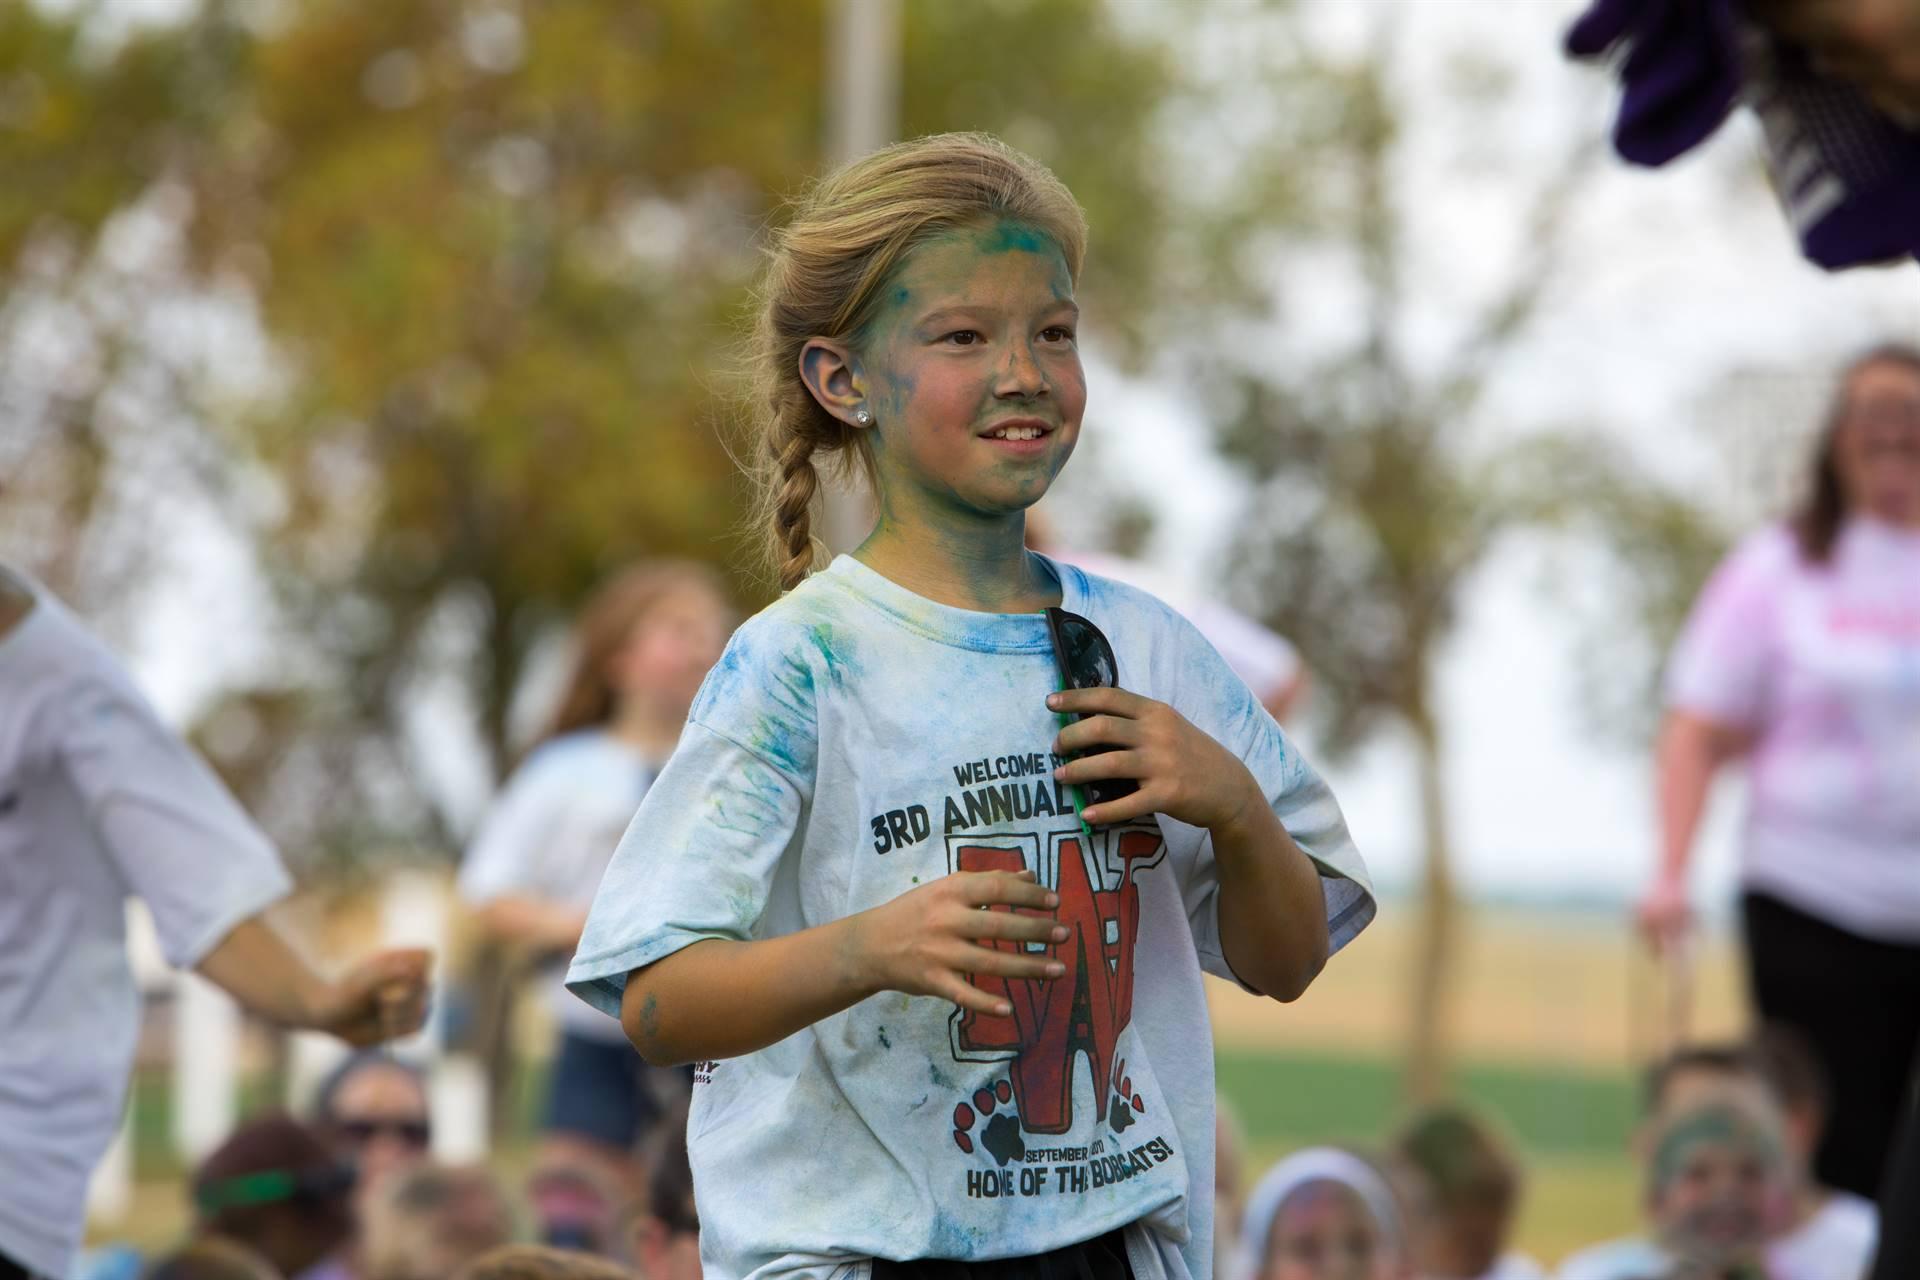 Girl 4 at color run